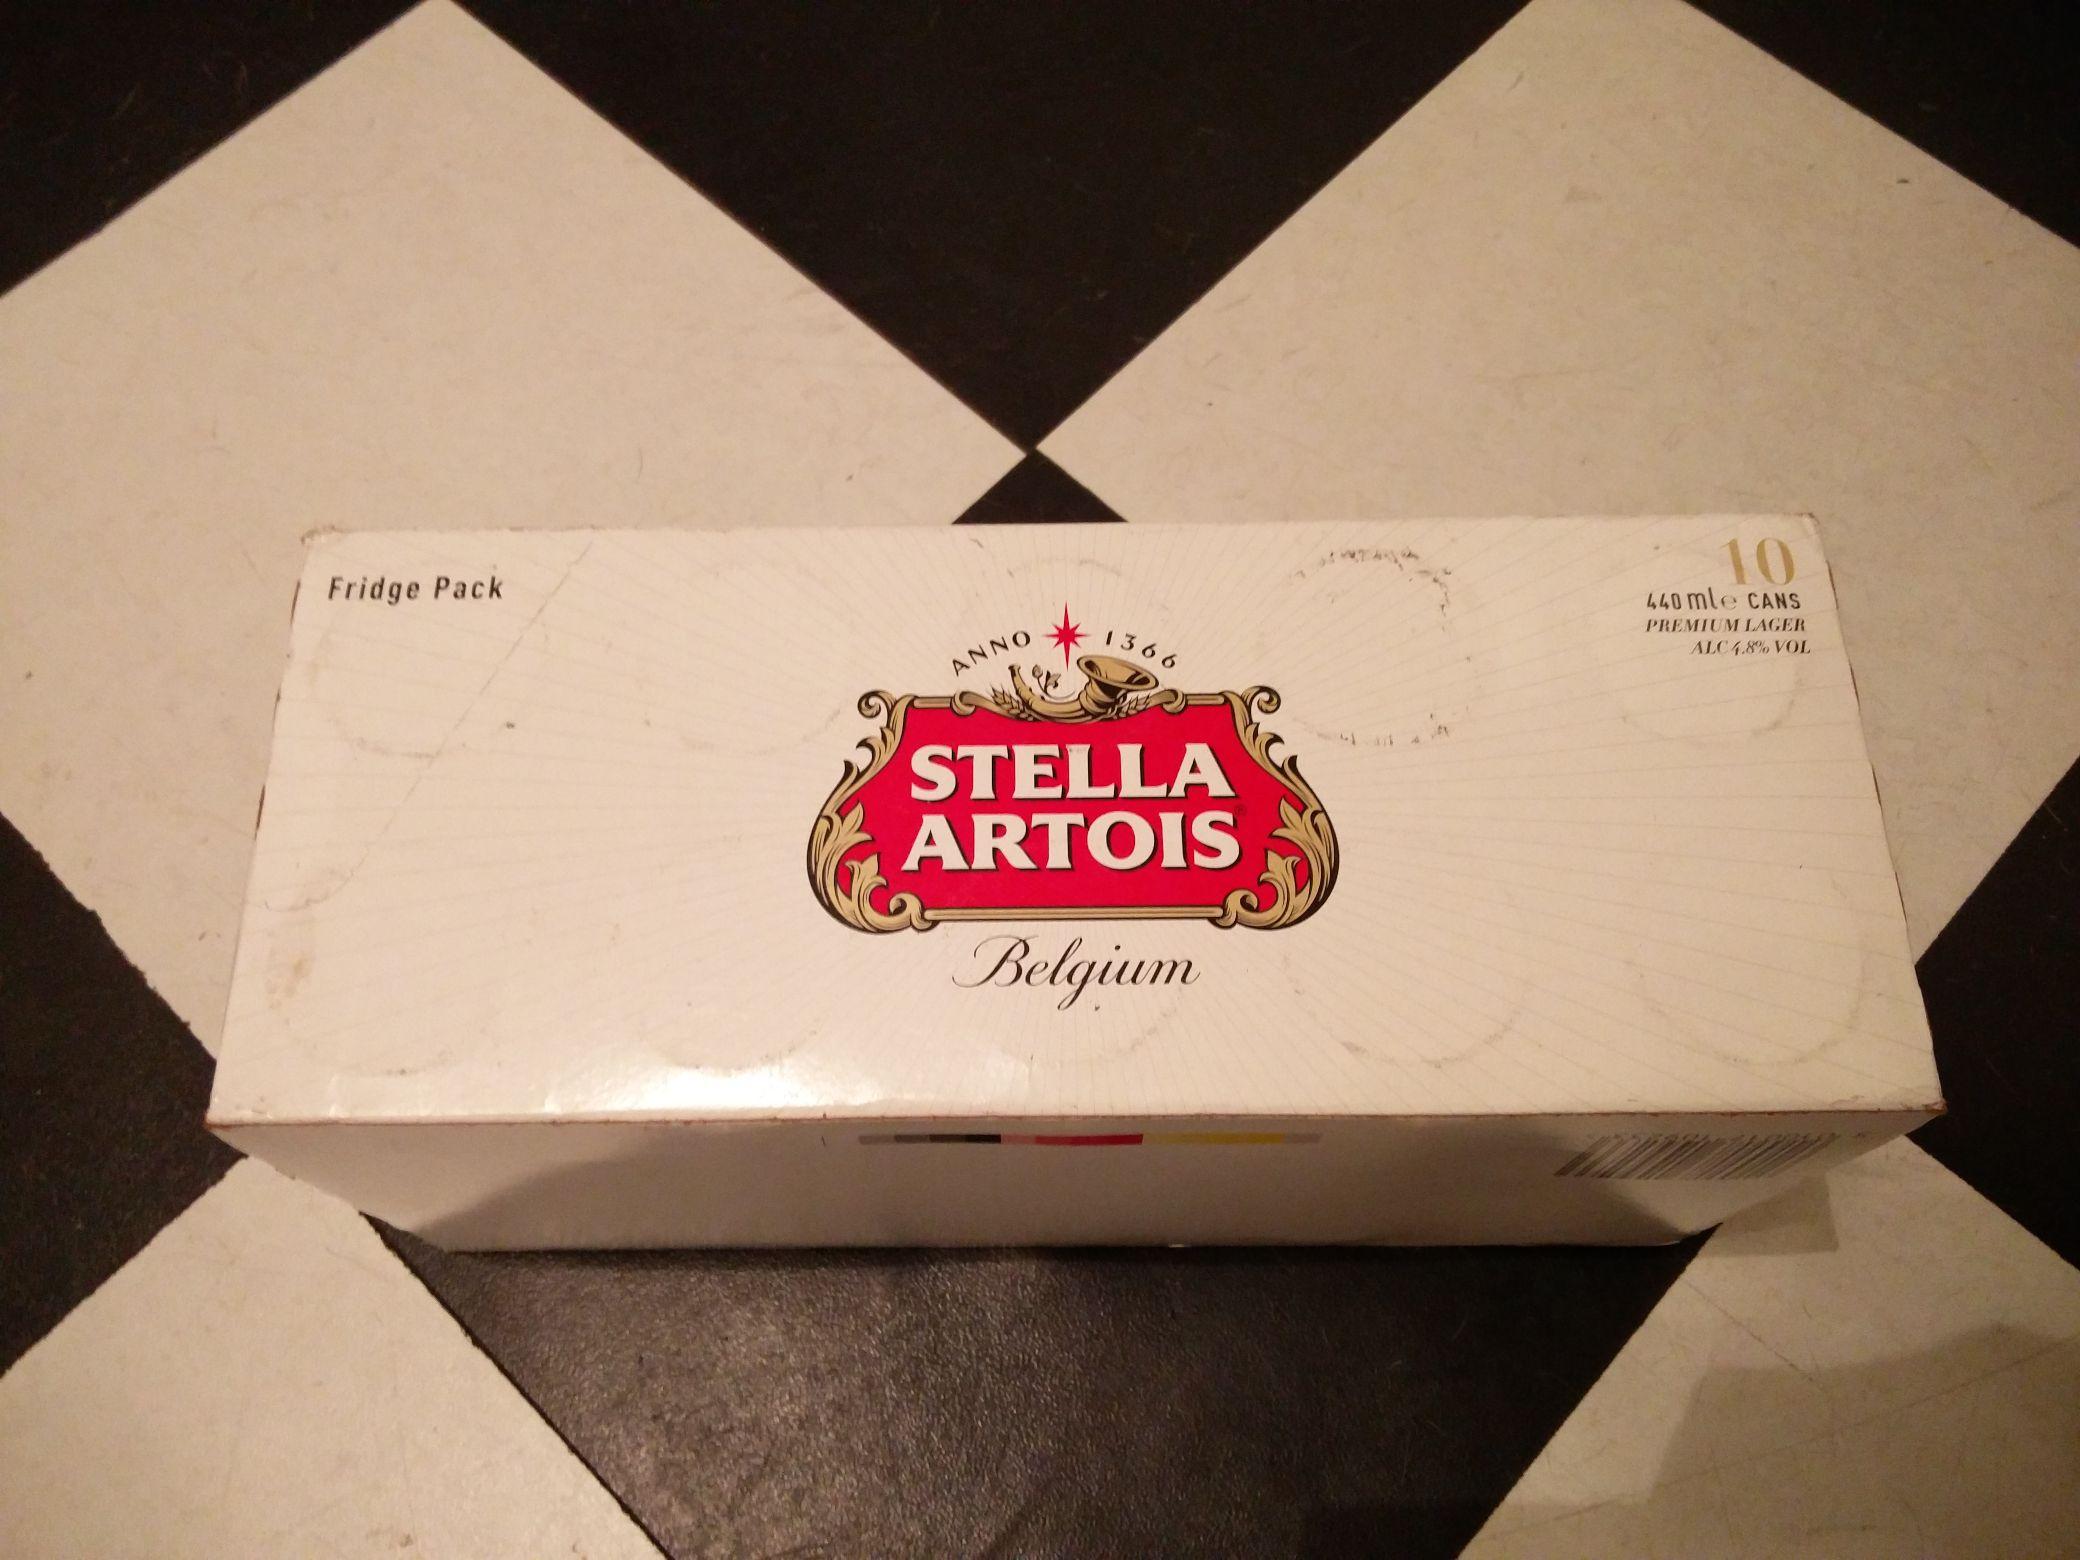 10 x 440ml Stella Artois £8 - Co-op